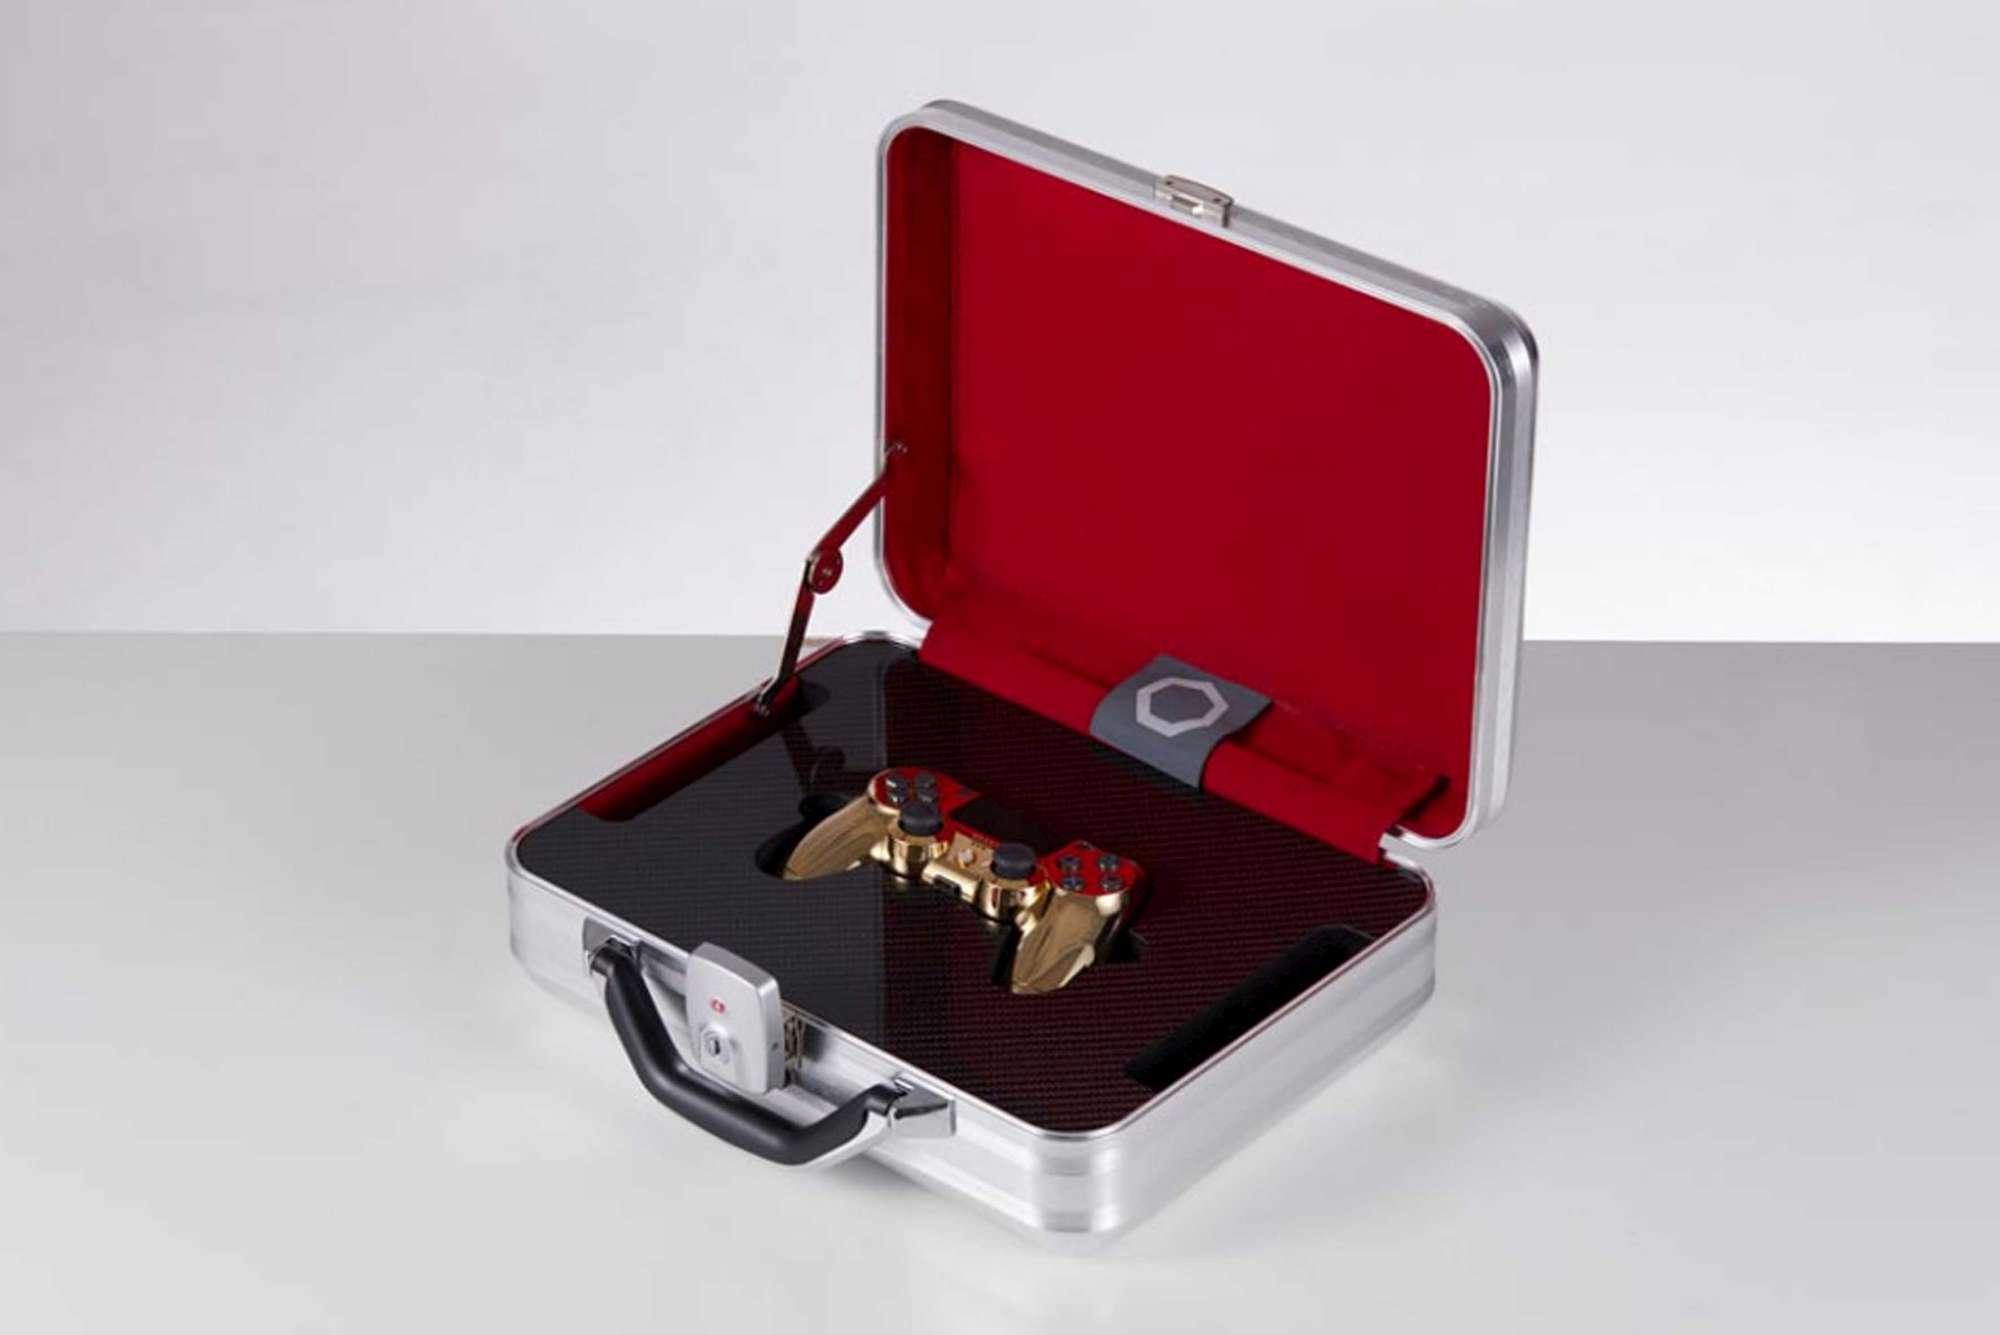 La PlayStation 4 si arricchisce di uno speciale DualShock 4 in oro da 12.000 euro 2